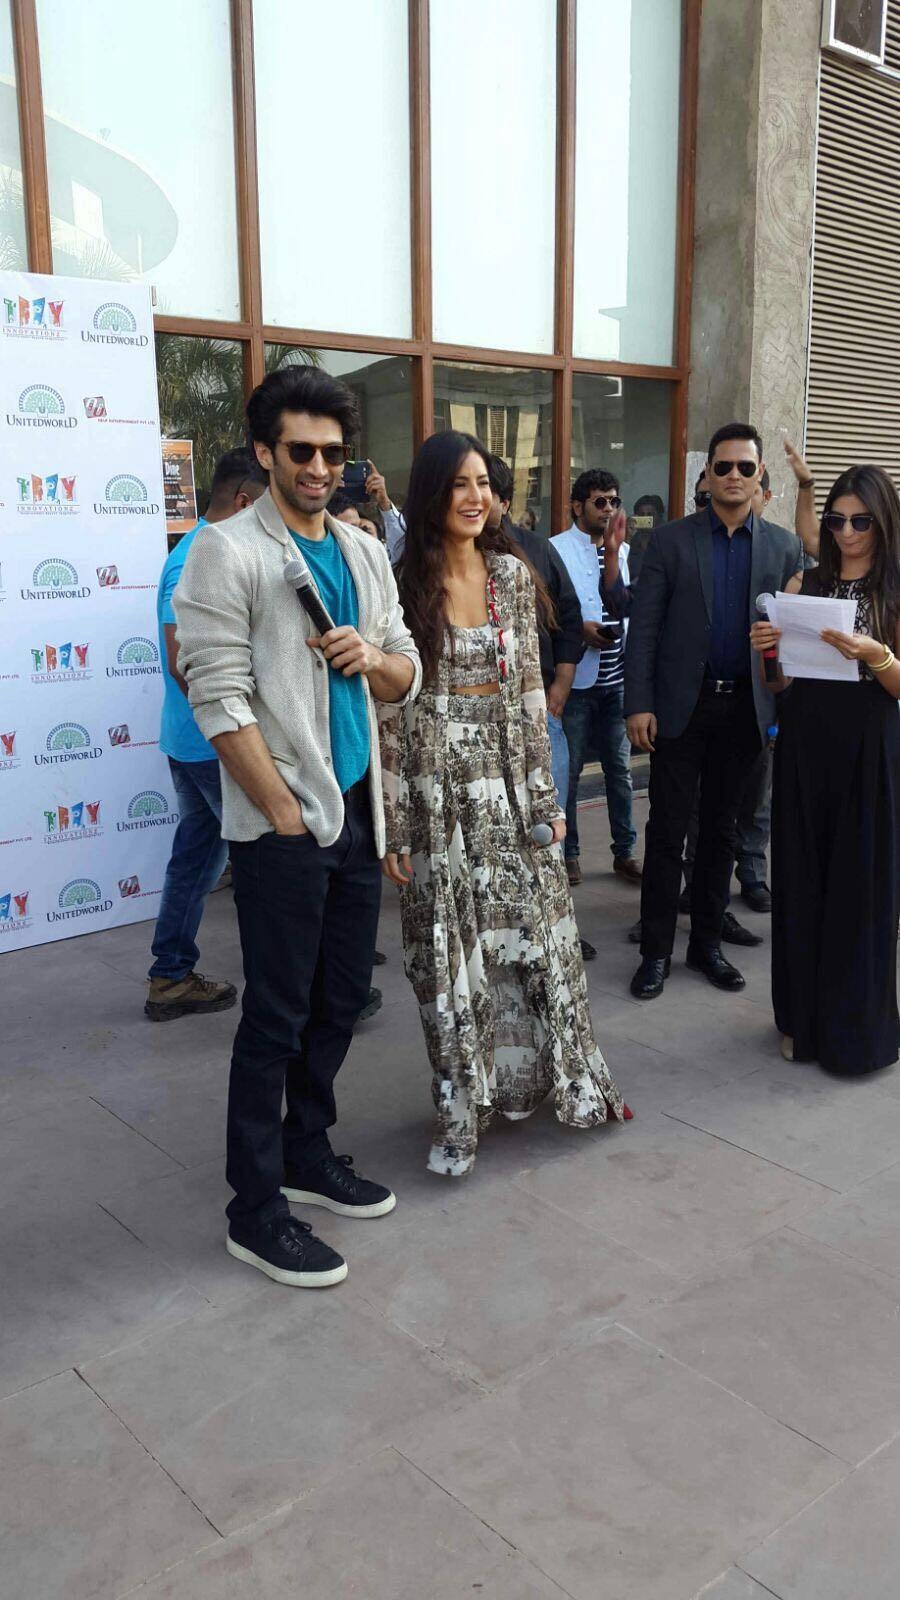 Aditya Roy Kapur,Katrina Kaif,Aditya Roy Kapur and Katrina Kaif,Fitoor,bollywood movie Fitoor,Fitoor promotion,Fitoor movie promotion